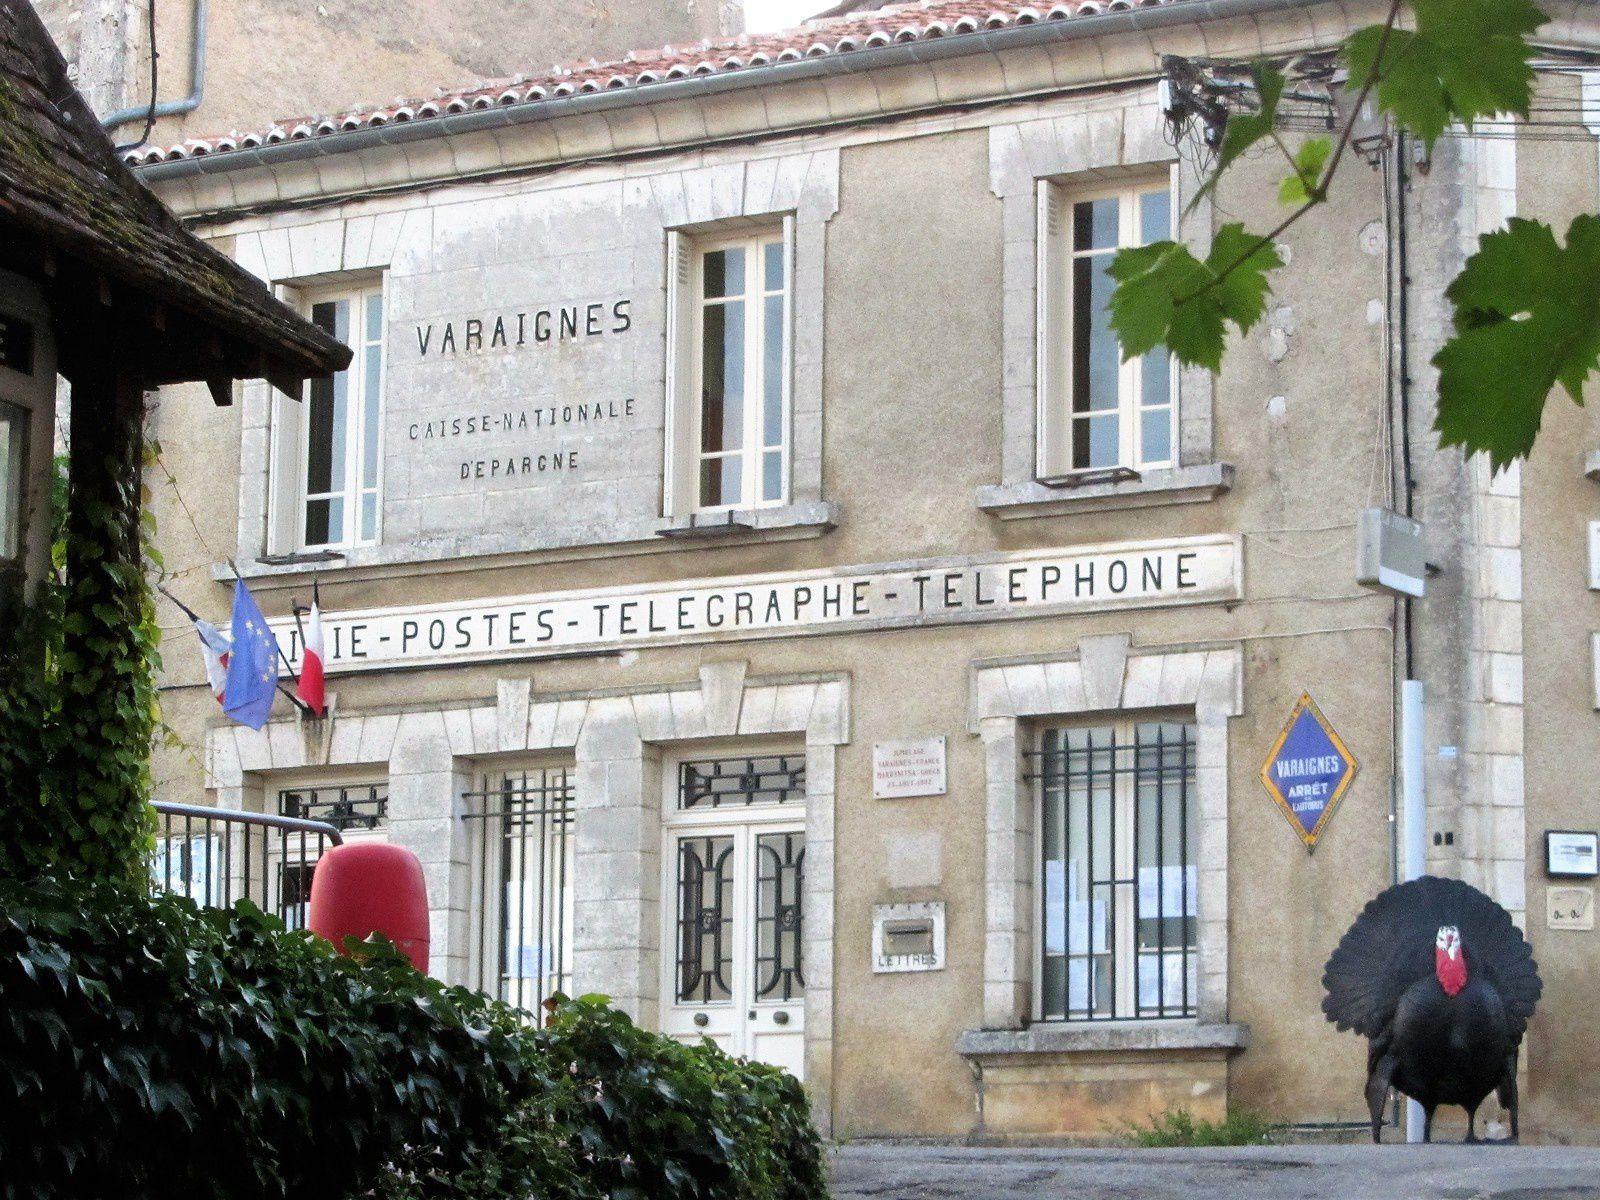 Voilà un mois que je suis revenue de vacances et que j'ai repris le travail. Et je n'ai pas encore eu le temps de vous mettre quelques articles sur ce beau pays qu'est la Dordogne.